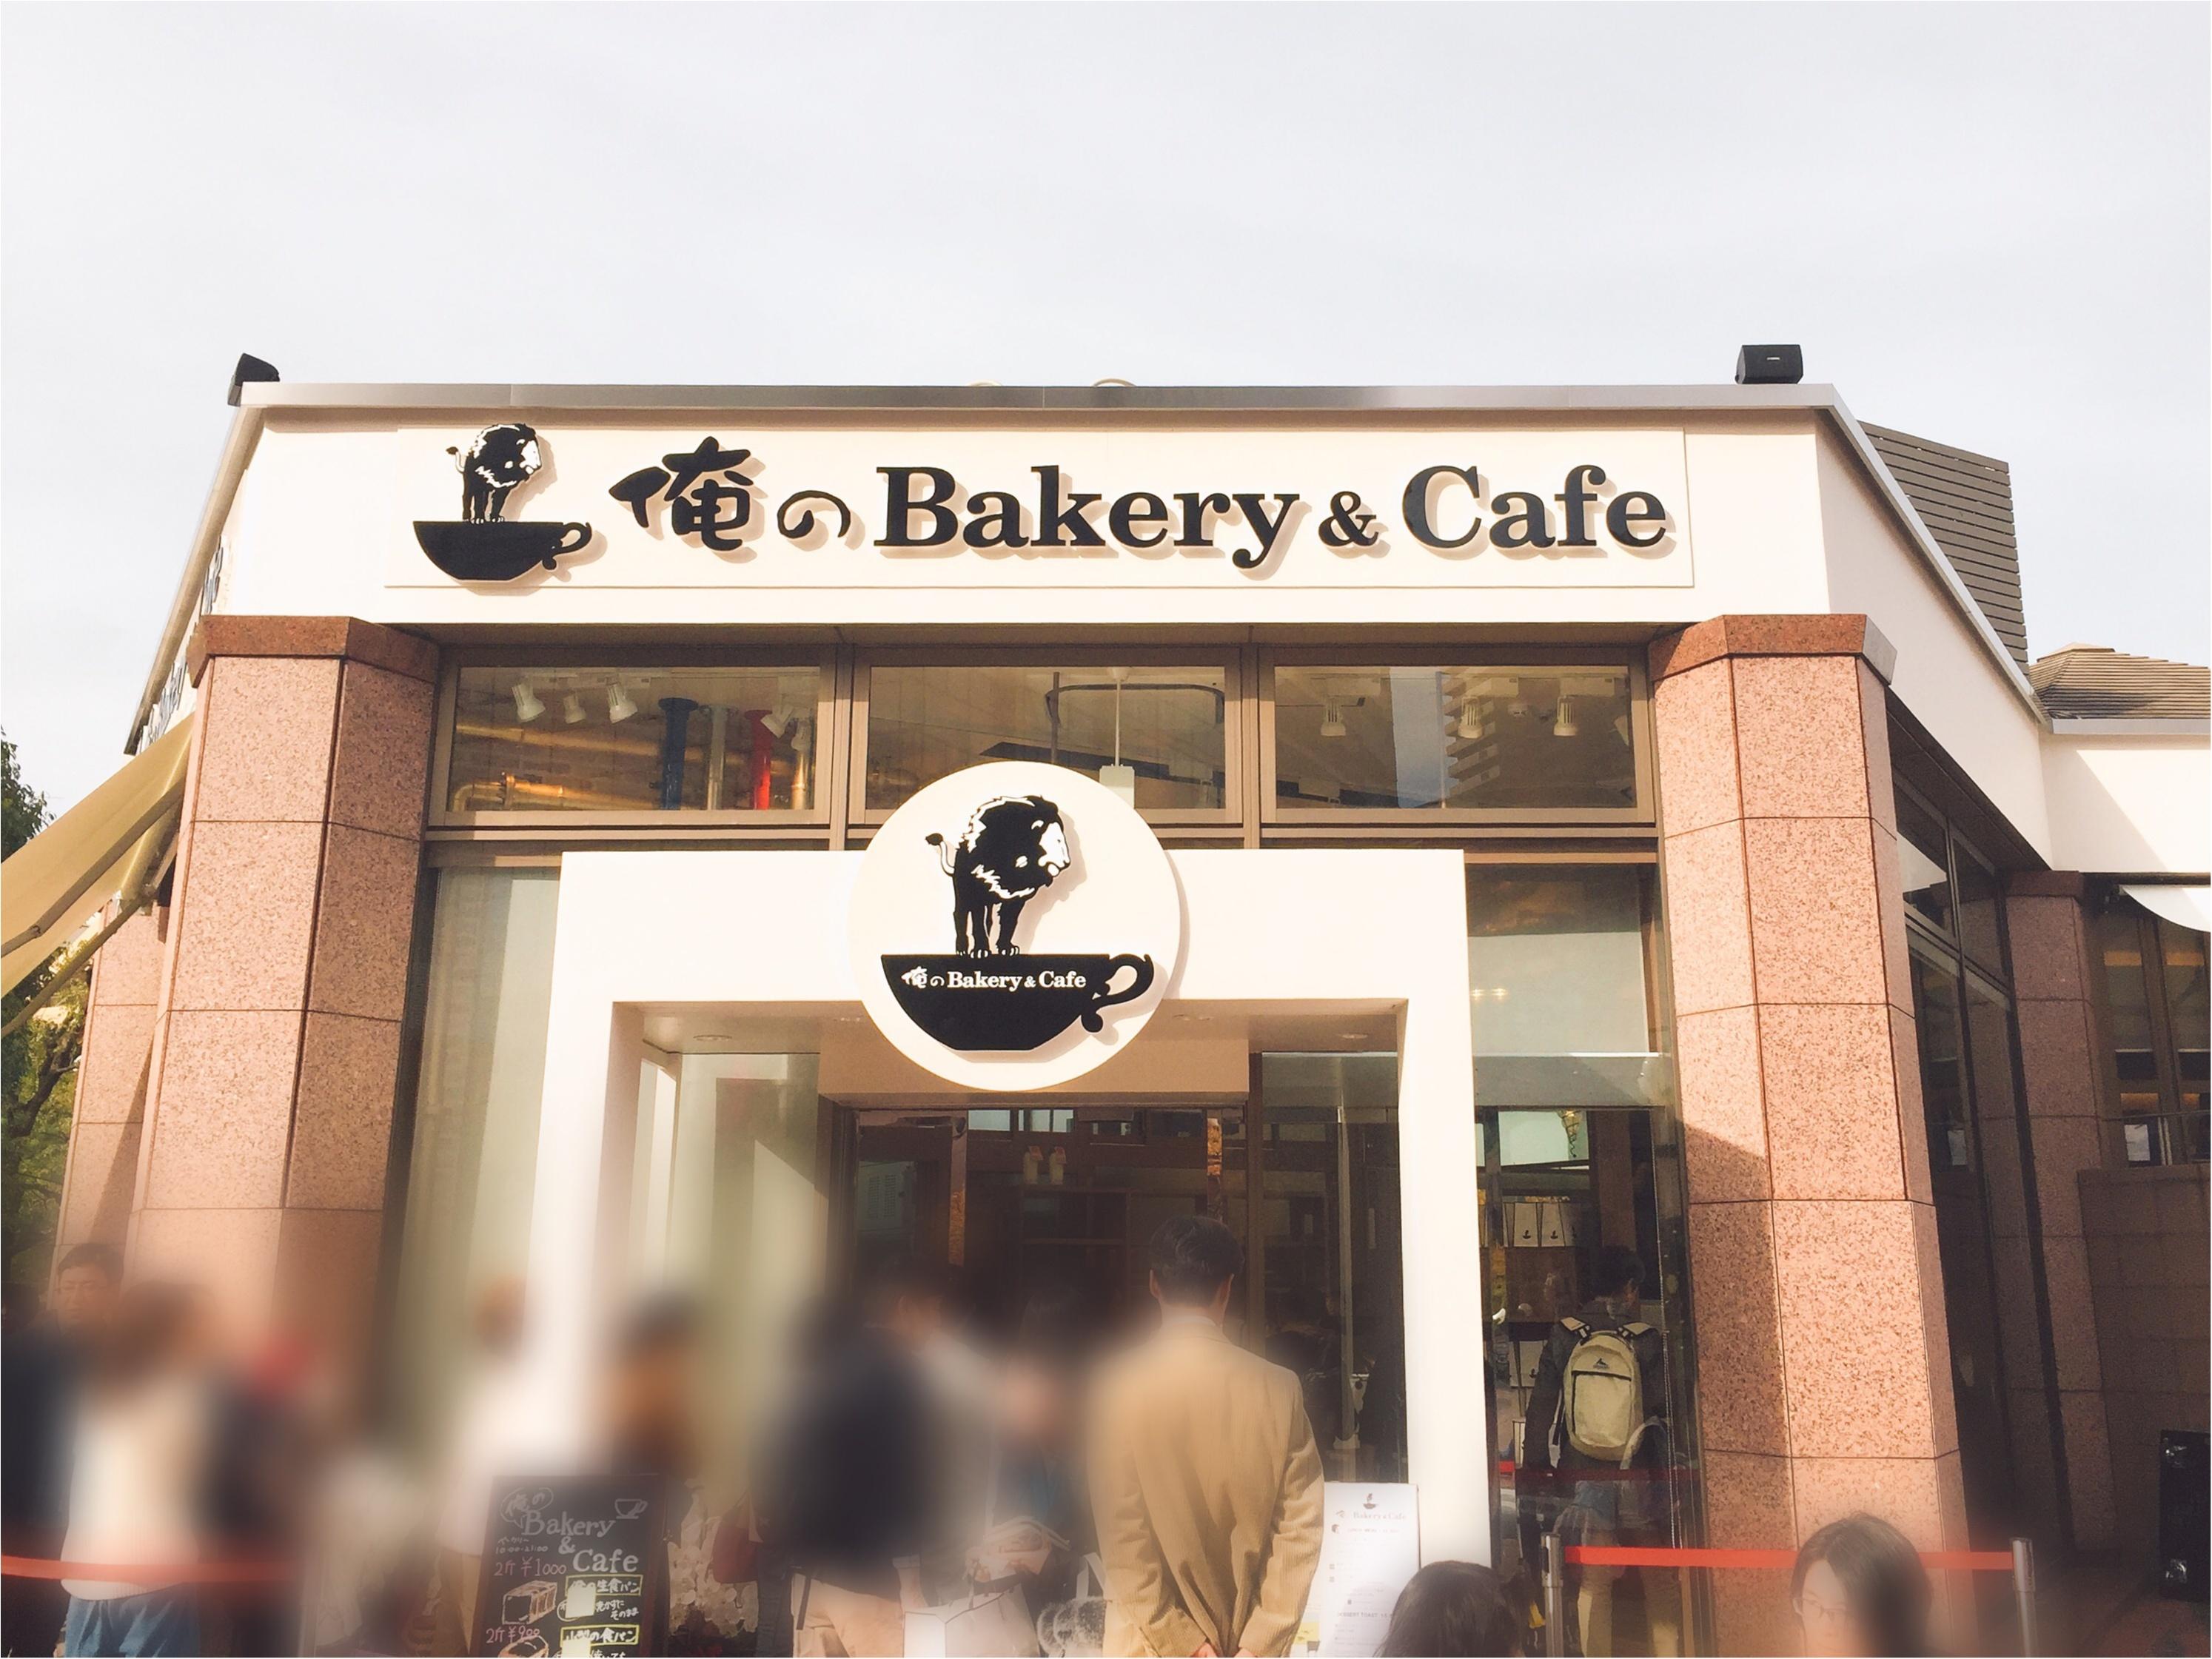 恵比寿にオープン!《俺のシリーズ》新店舗は『俺のベーカリー&カフェ』♡*_1